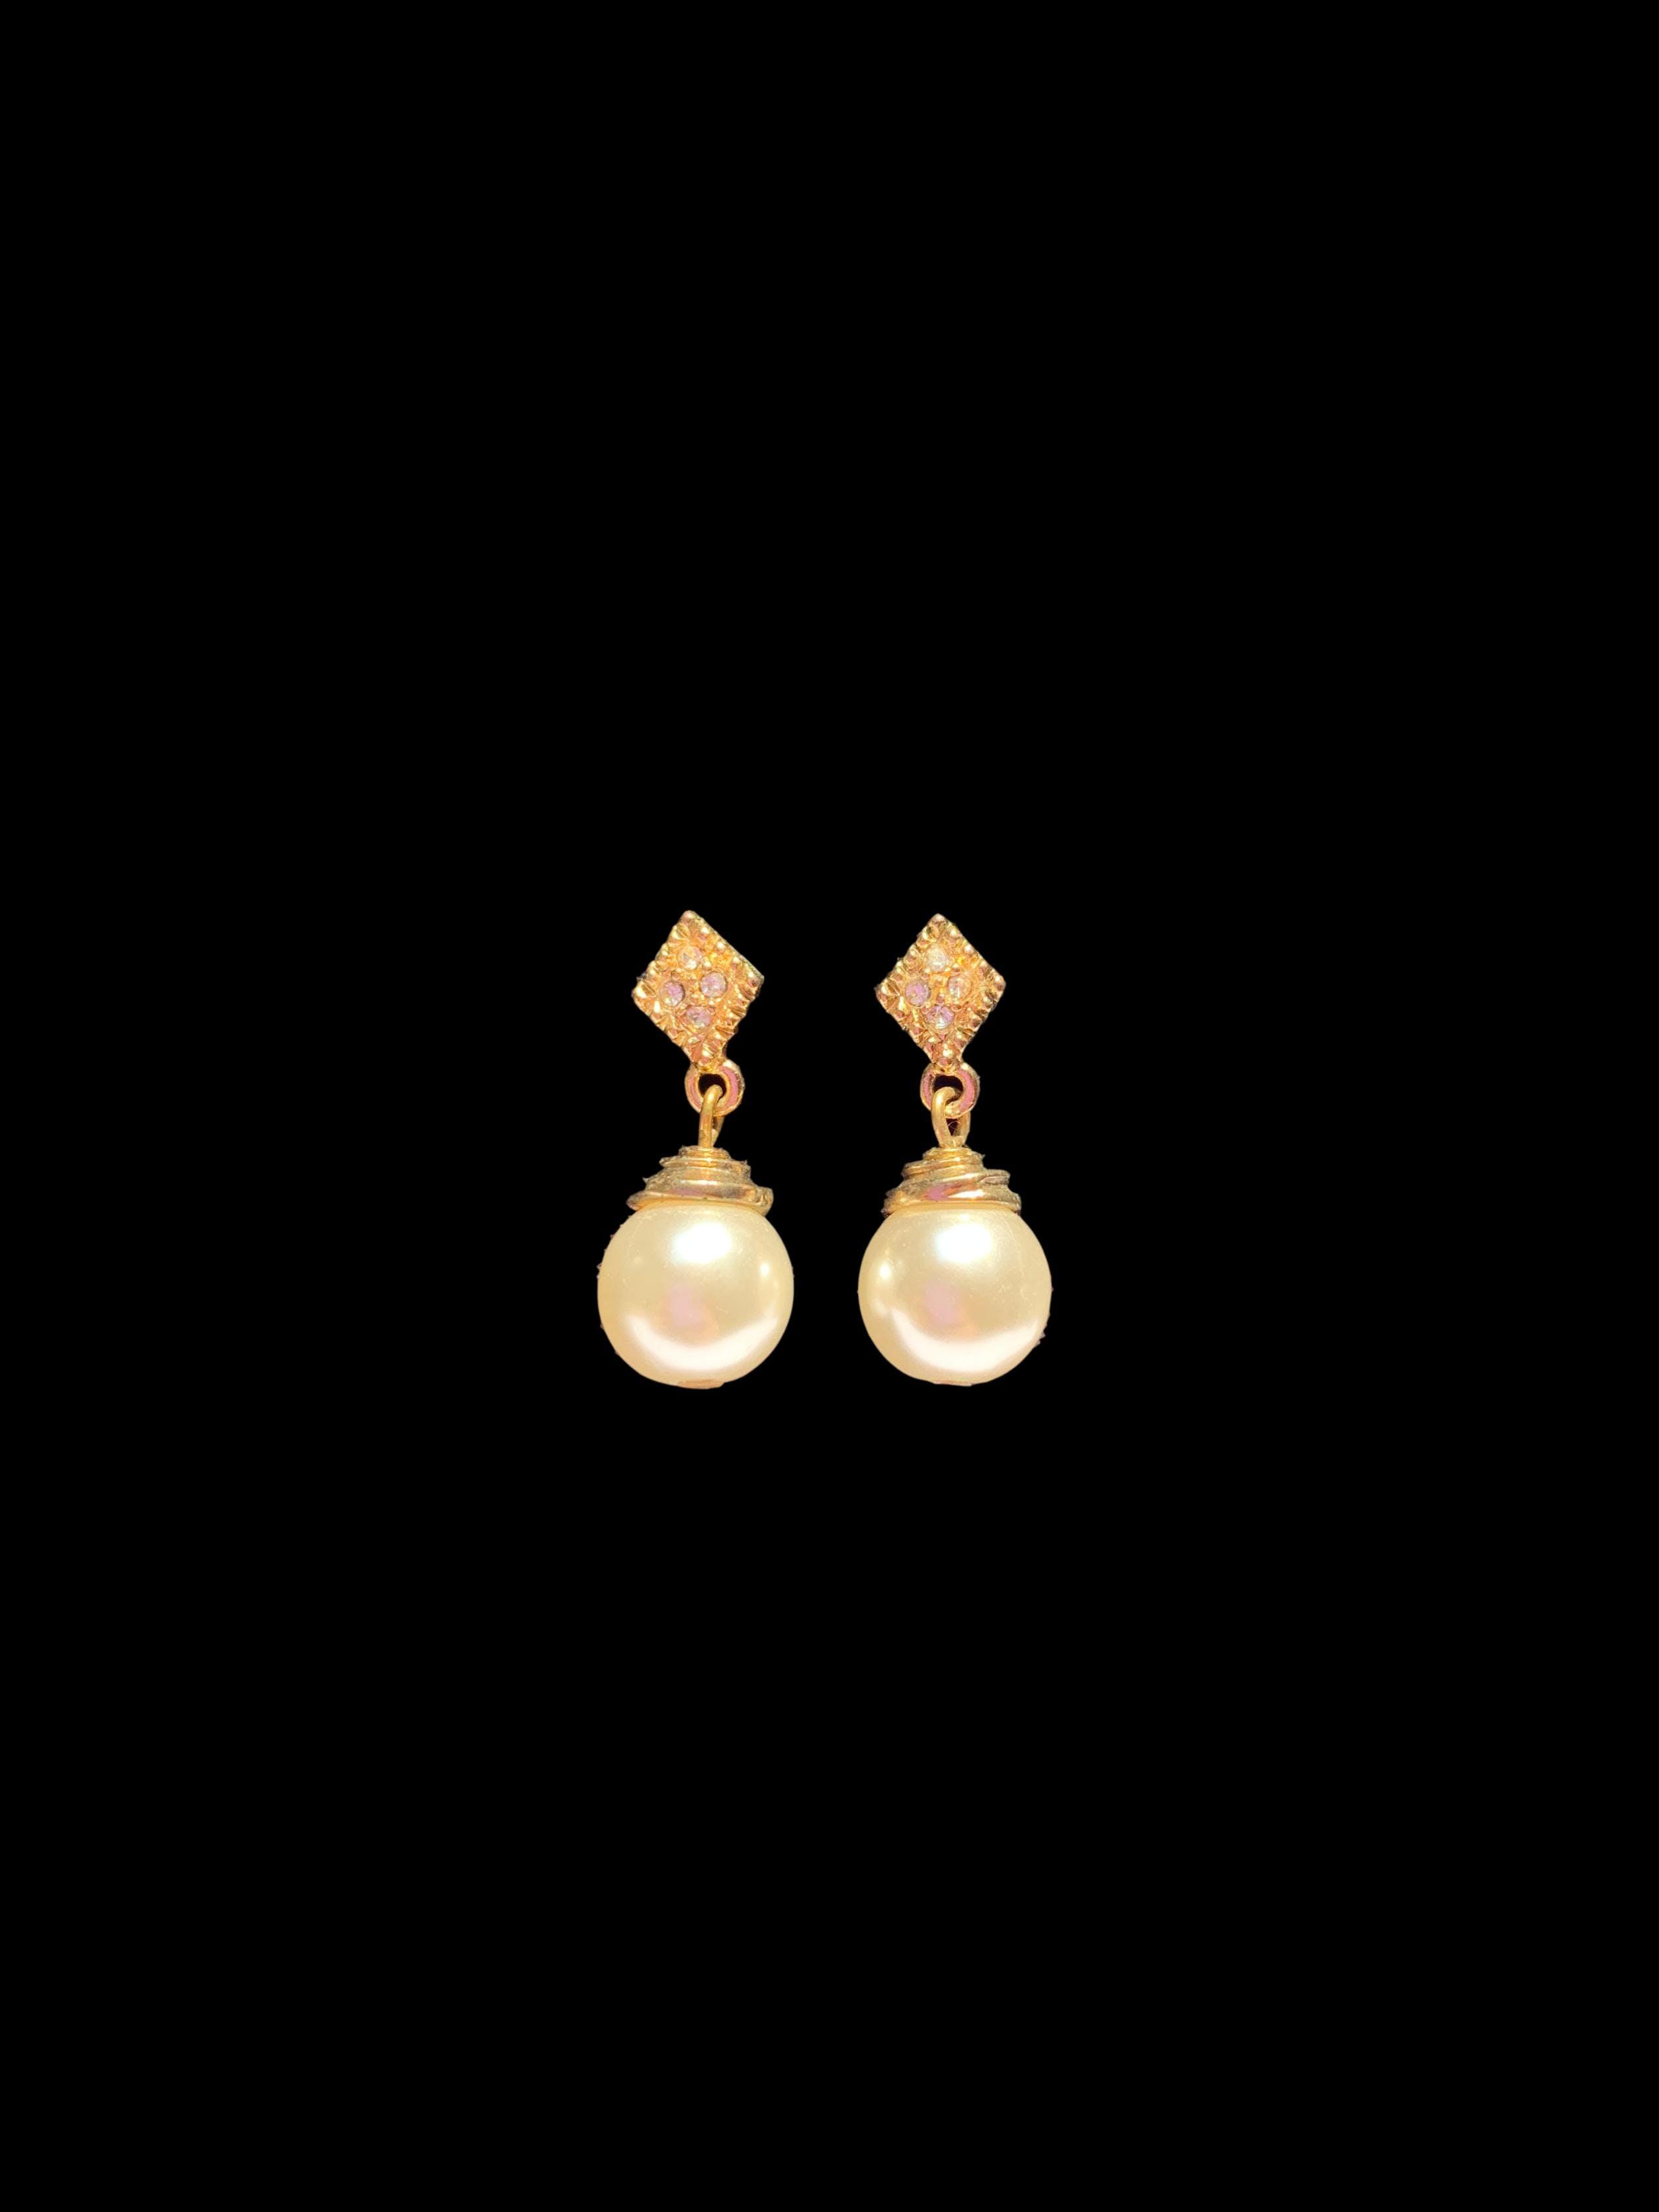 Aretes dorados rombito y perla colgante. Largo 2cm